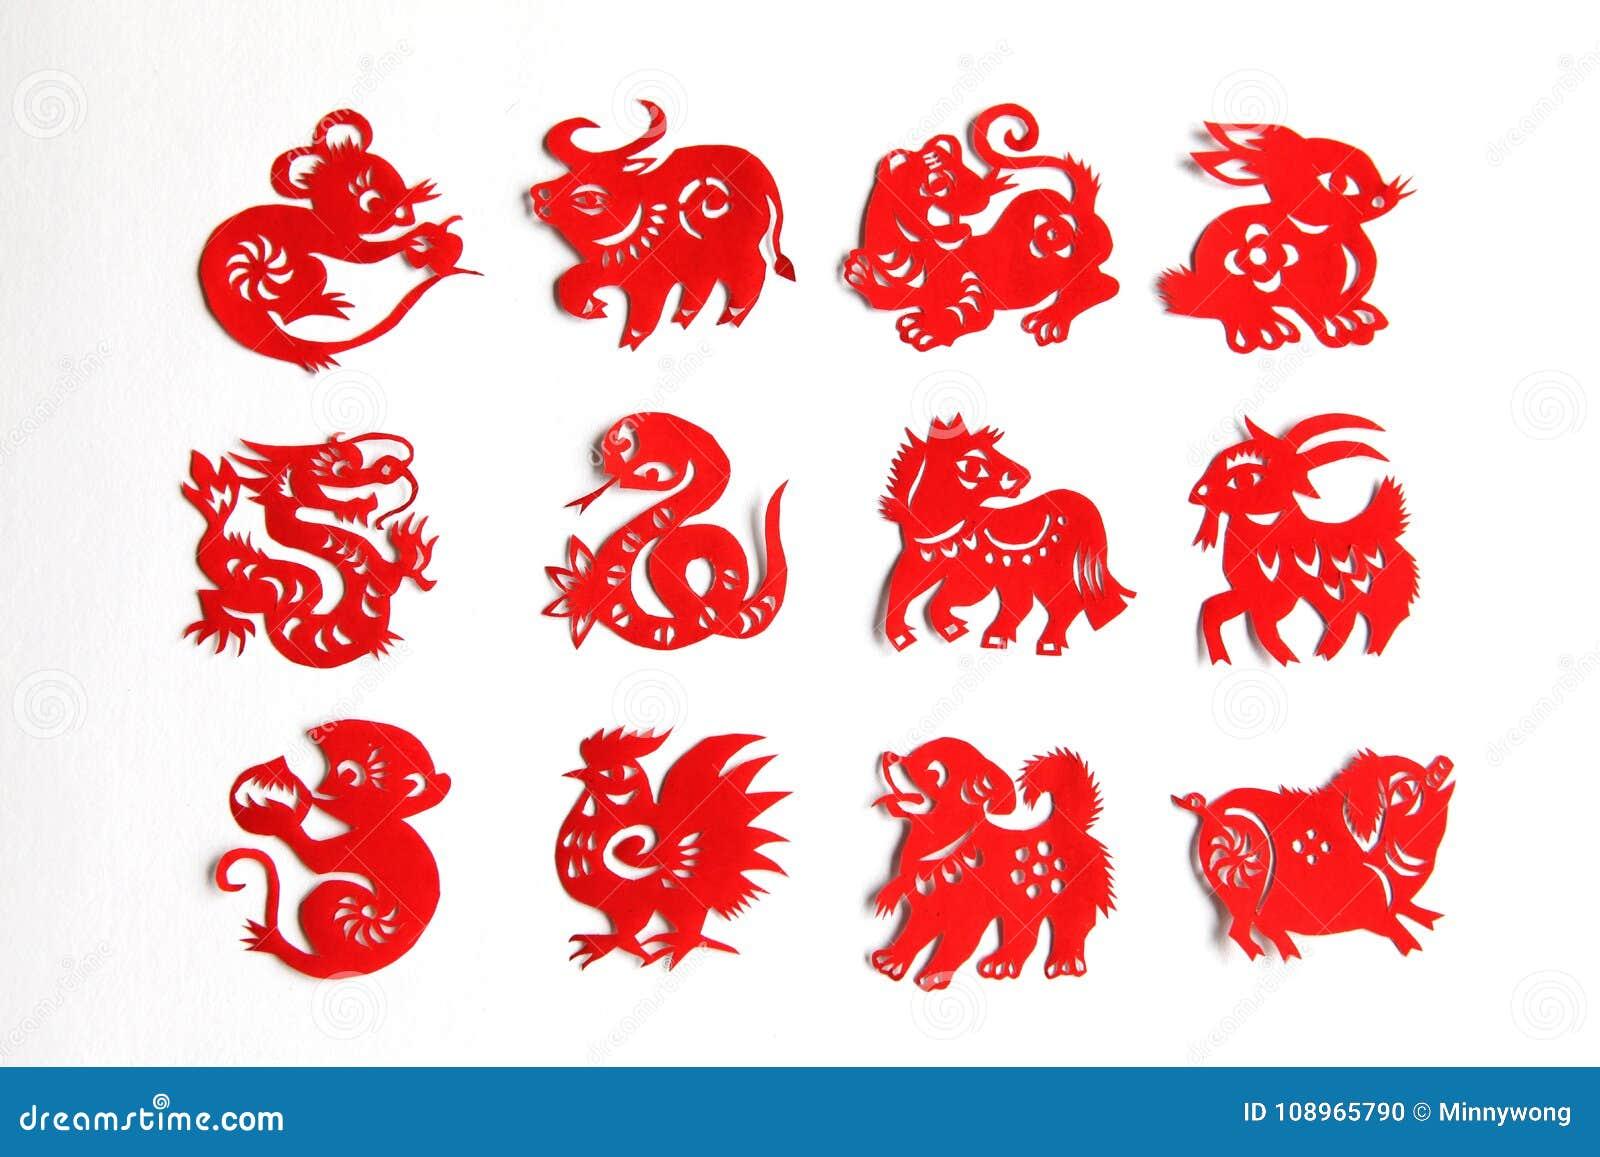 The Chinese Zodiac, 12 Zodiac Animals, Chinese papercutting